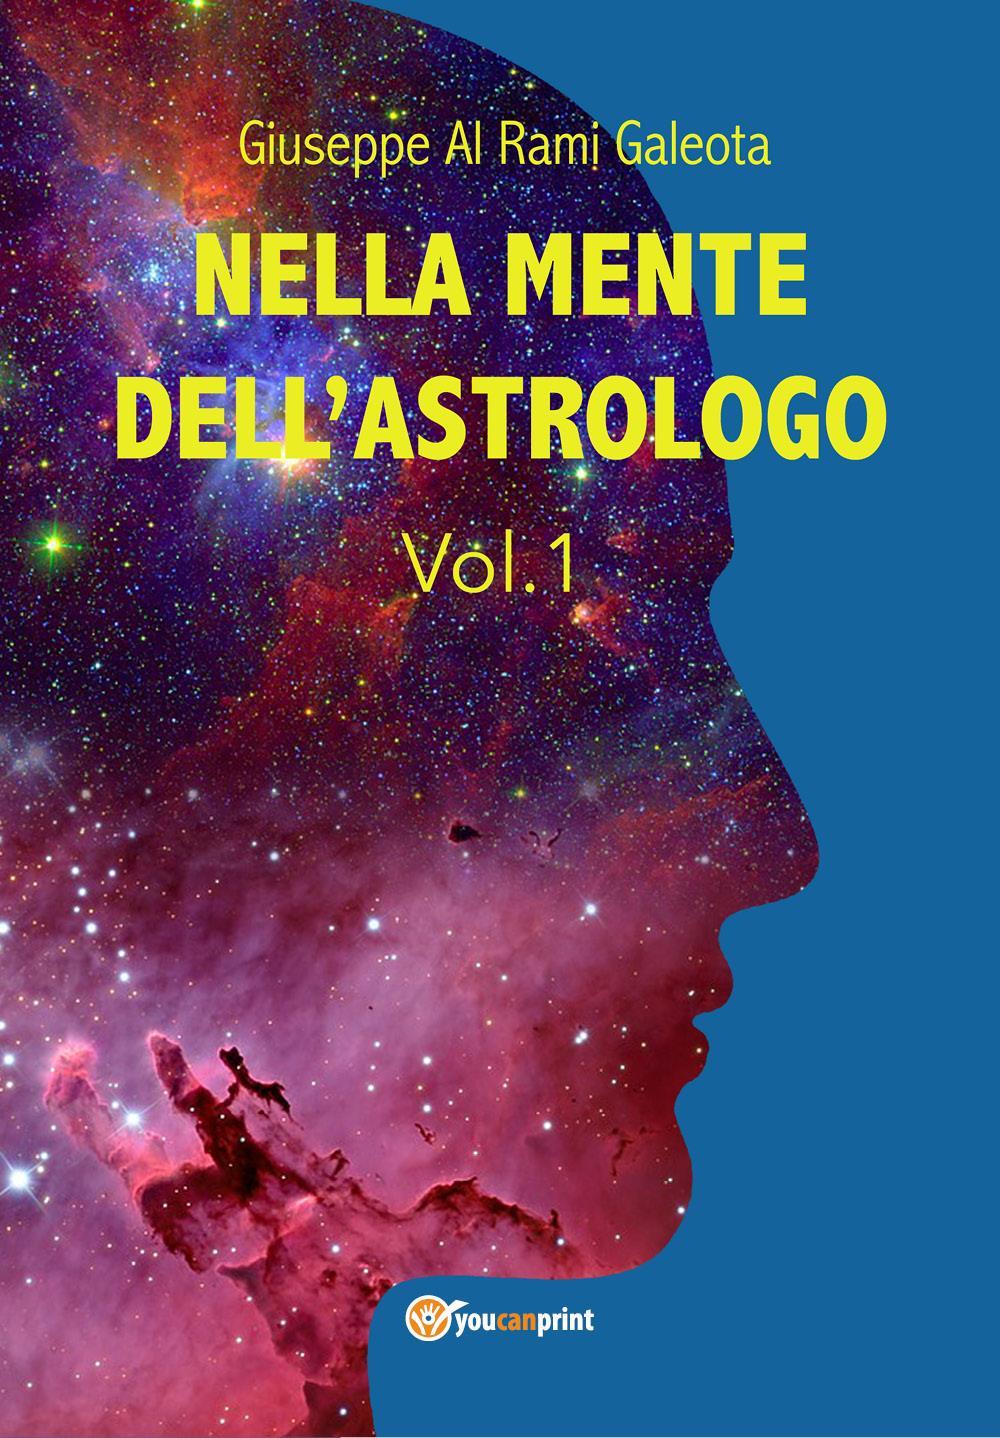 Nella mente dell'astrologo - Vol.1